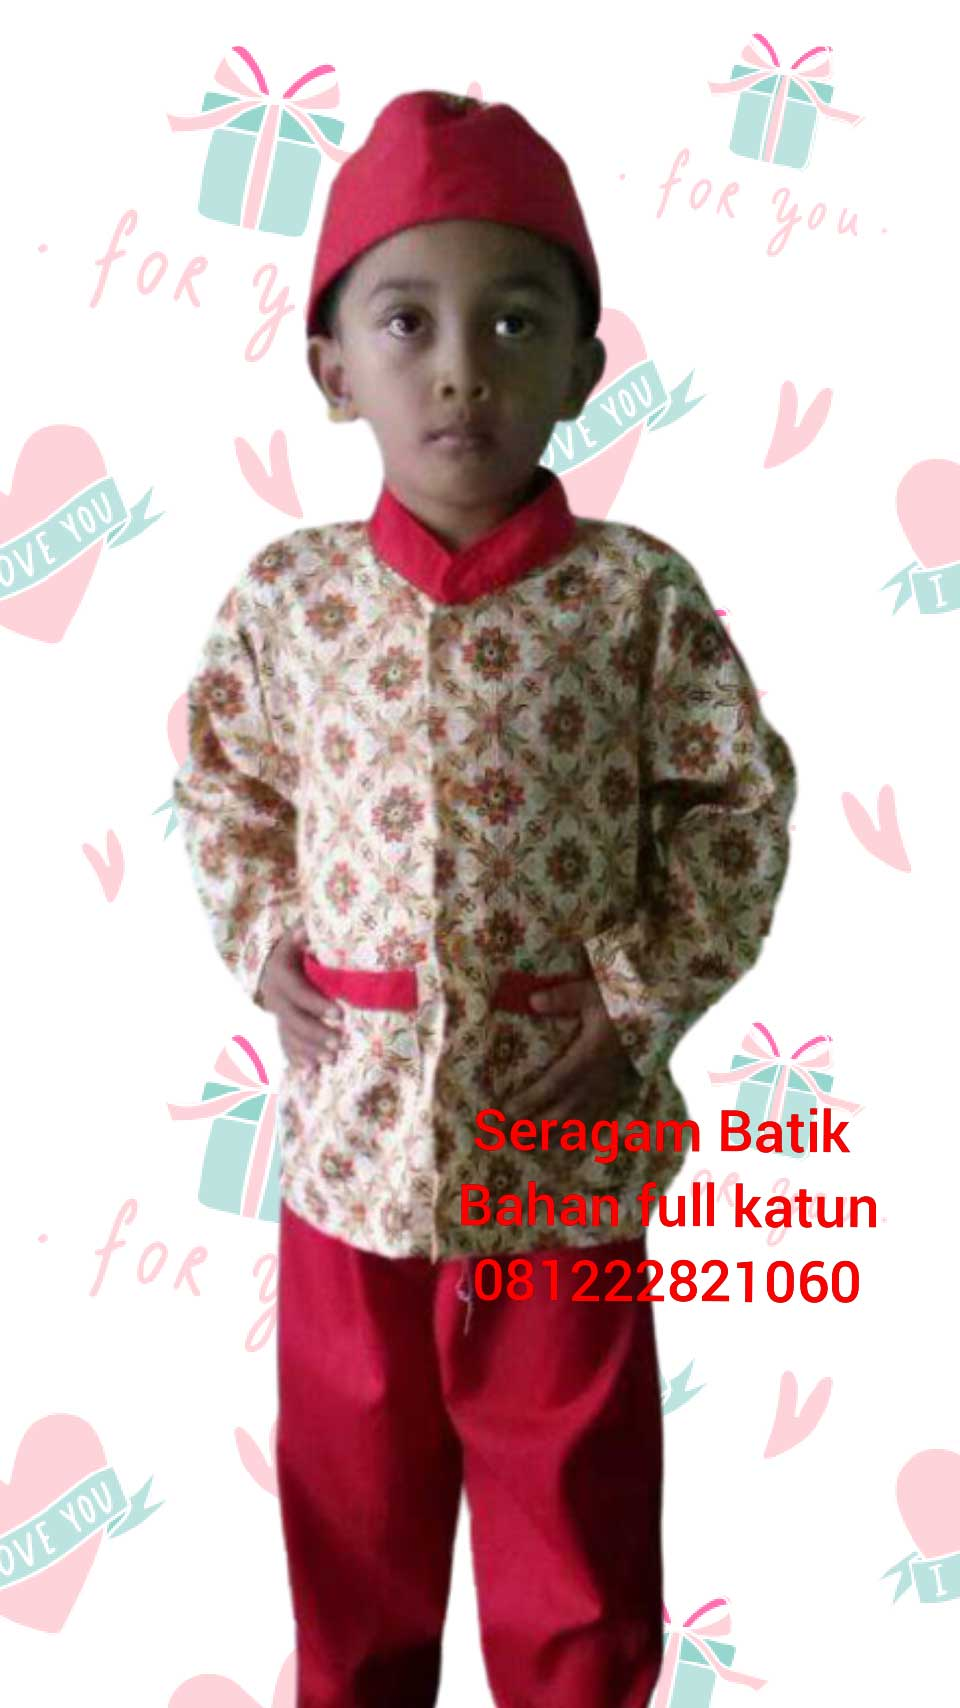 gambar seragam sekolah tk berkualitas Serpong Utara Tangerang Selatan